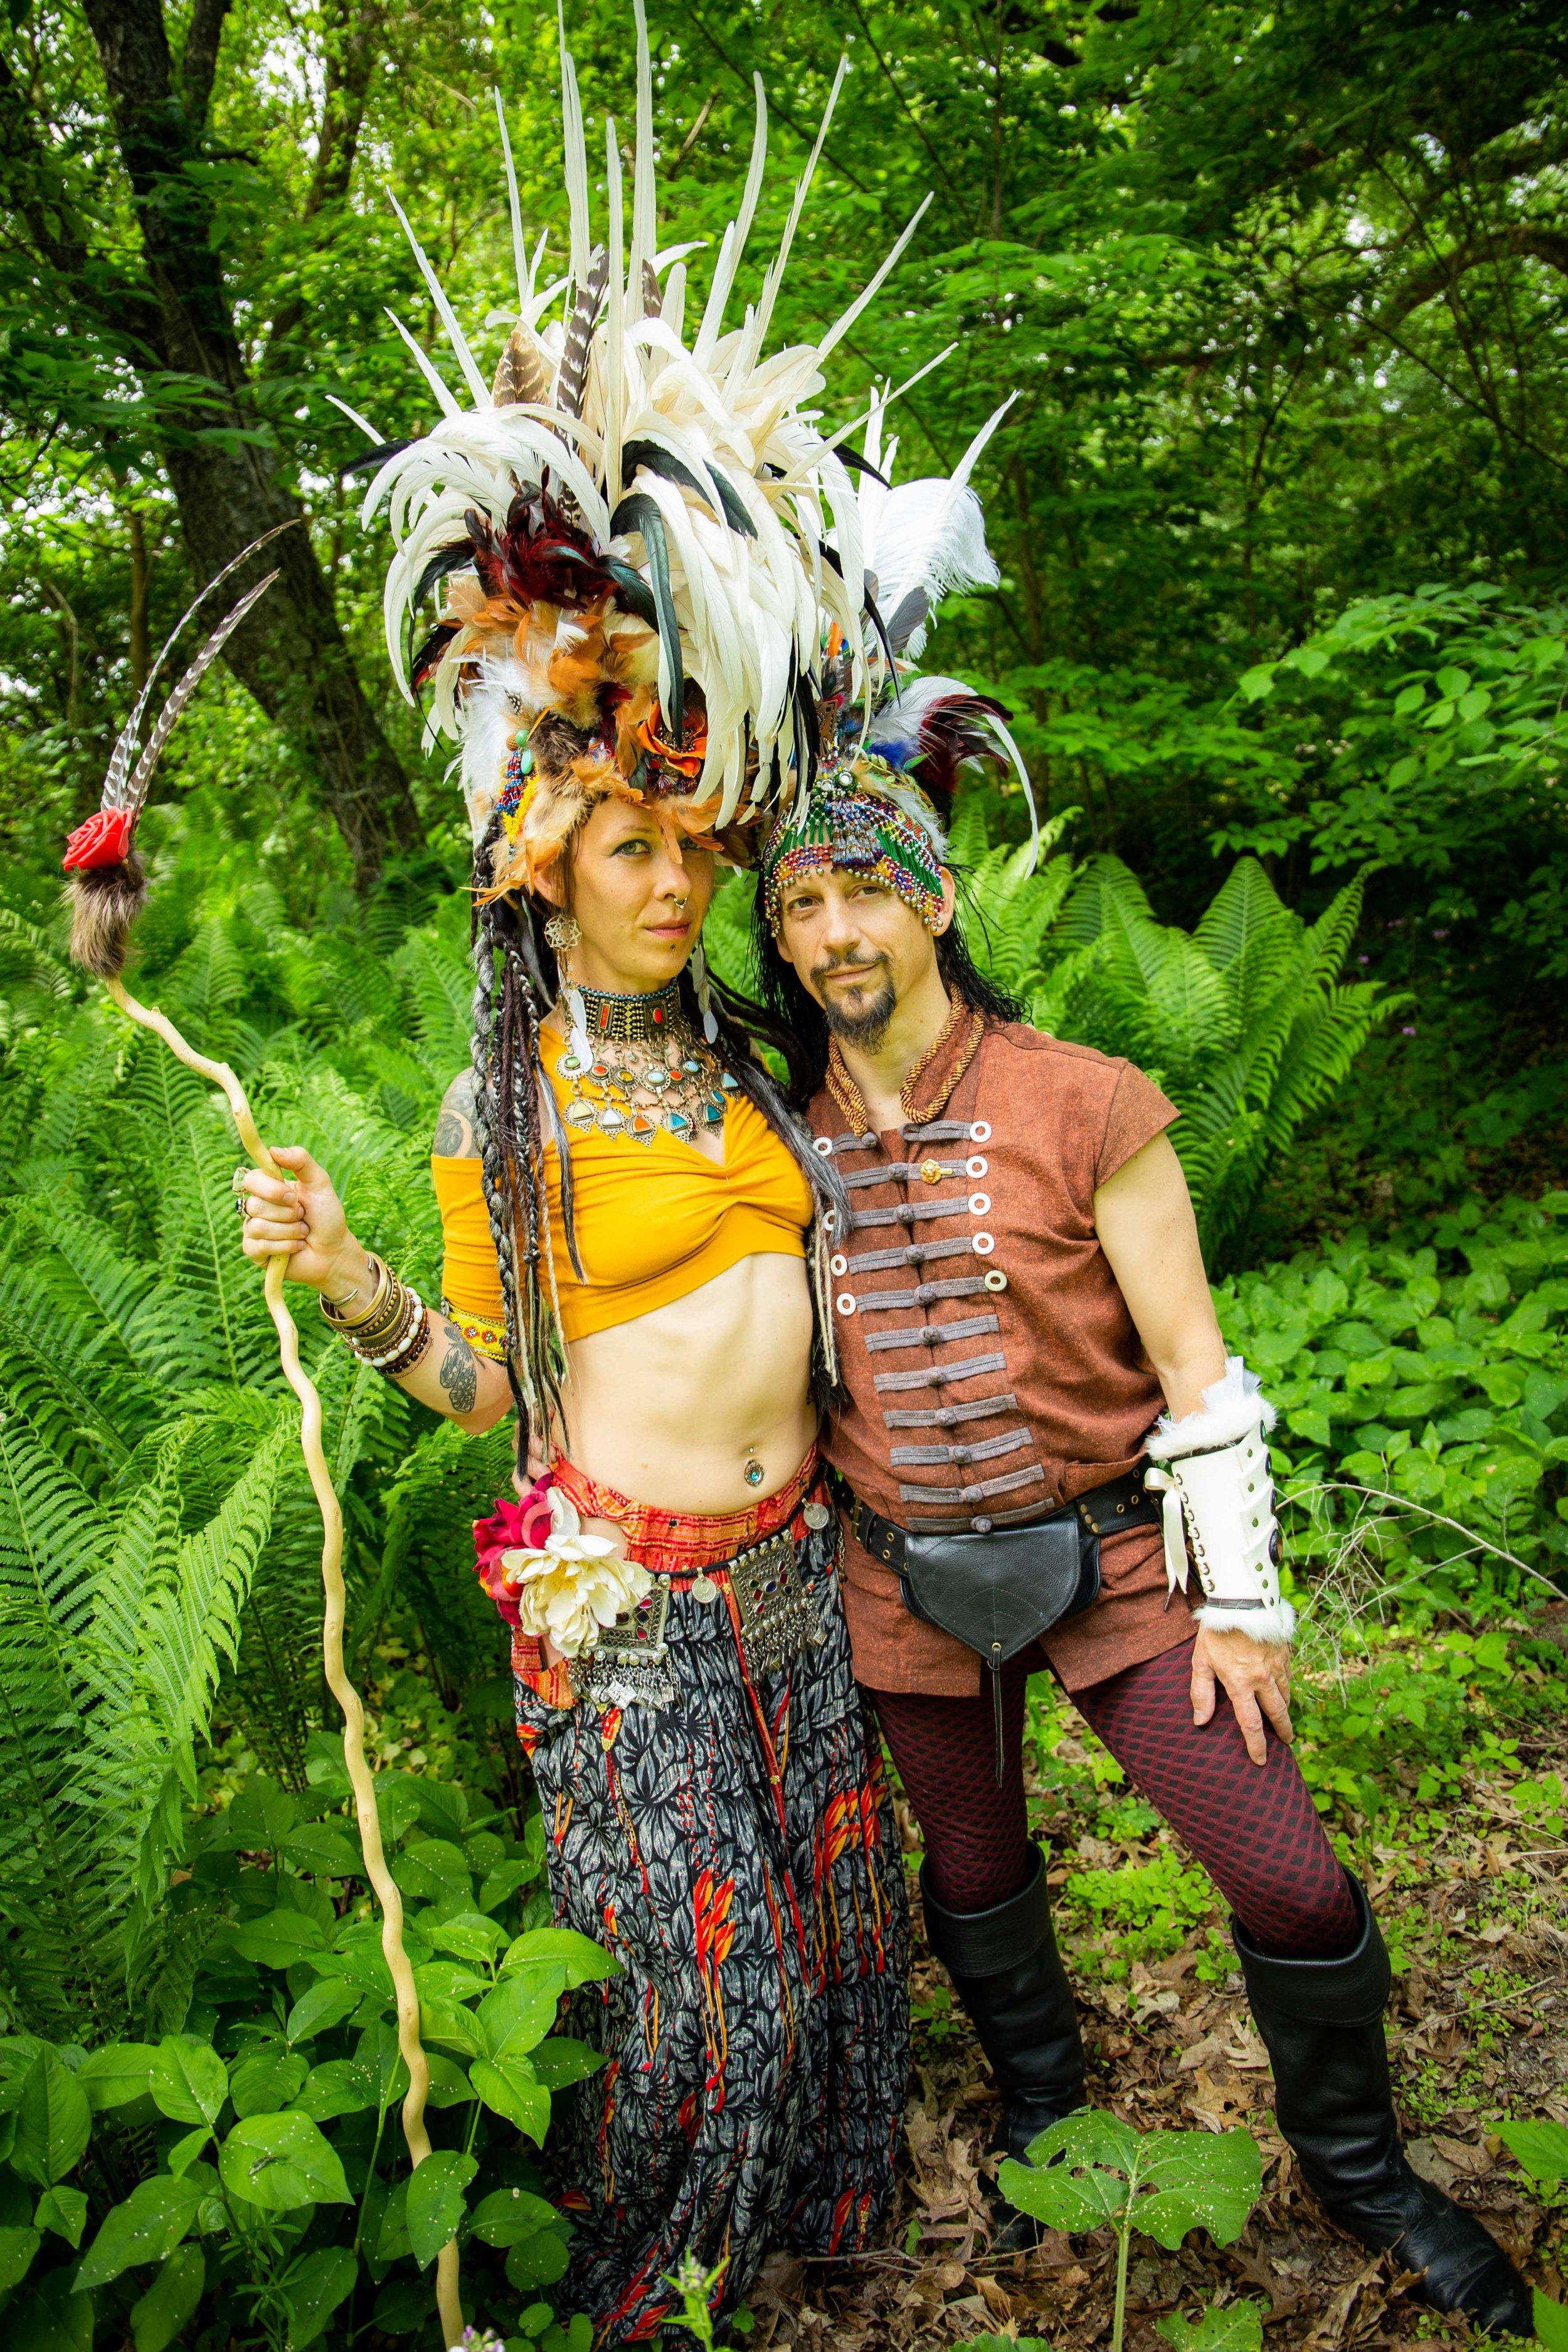 creativeportraits-engagementphotos-southernwiphotographer-katydaixonphotography-3.jpg